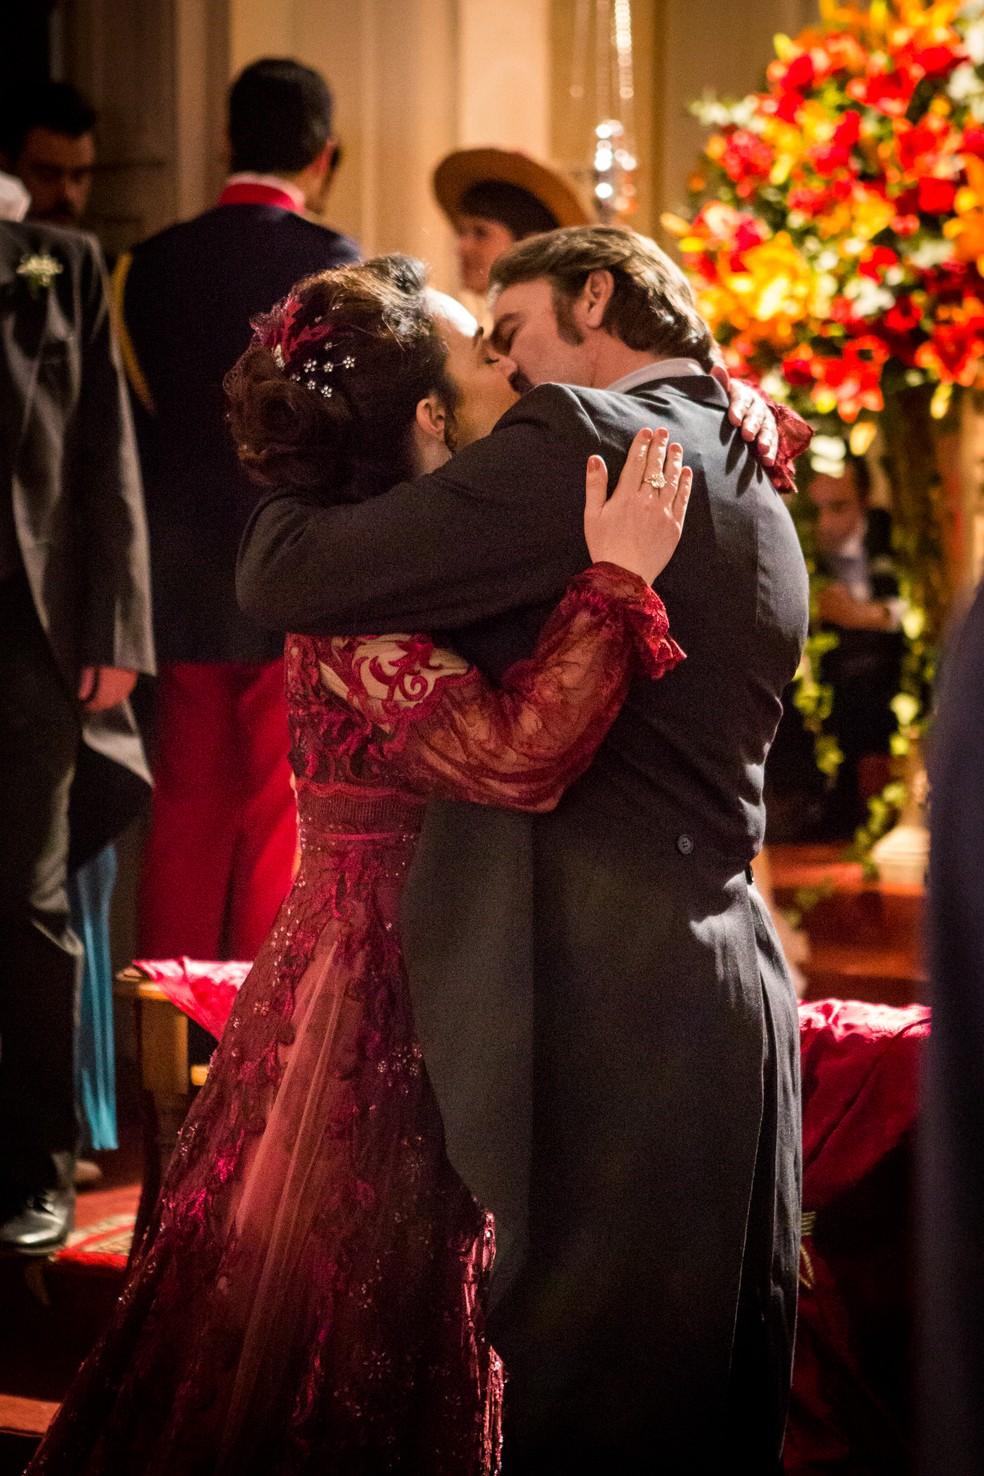 O beijo que resume uma linda história de amor  — Foto: Fabiano Battaglin/Gshow